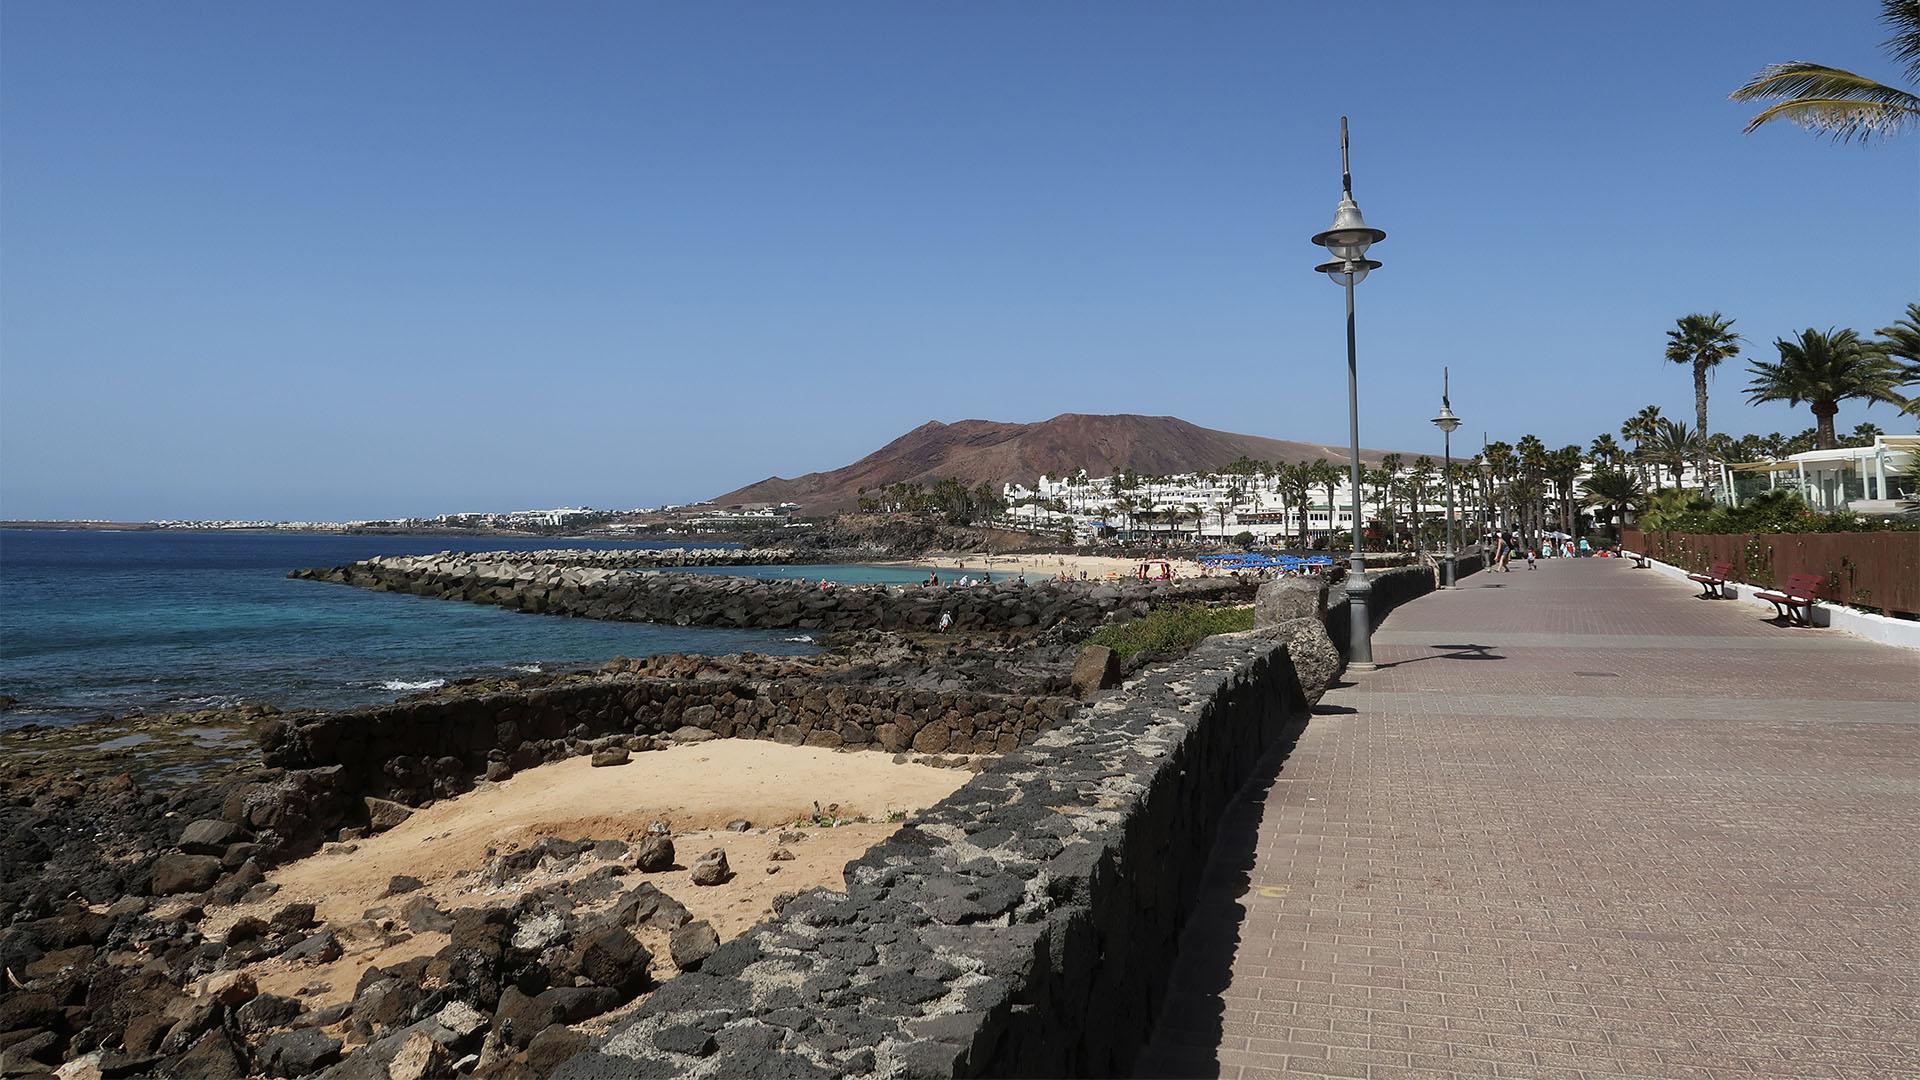 Der schöne Paseo von Playa Blanca führt bis zum Leuchtturm Faro Punta de Pechiguera Lanzarote.